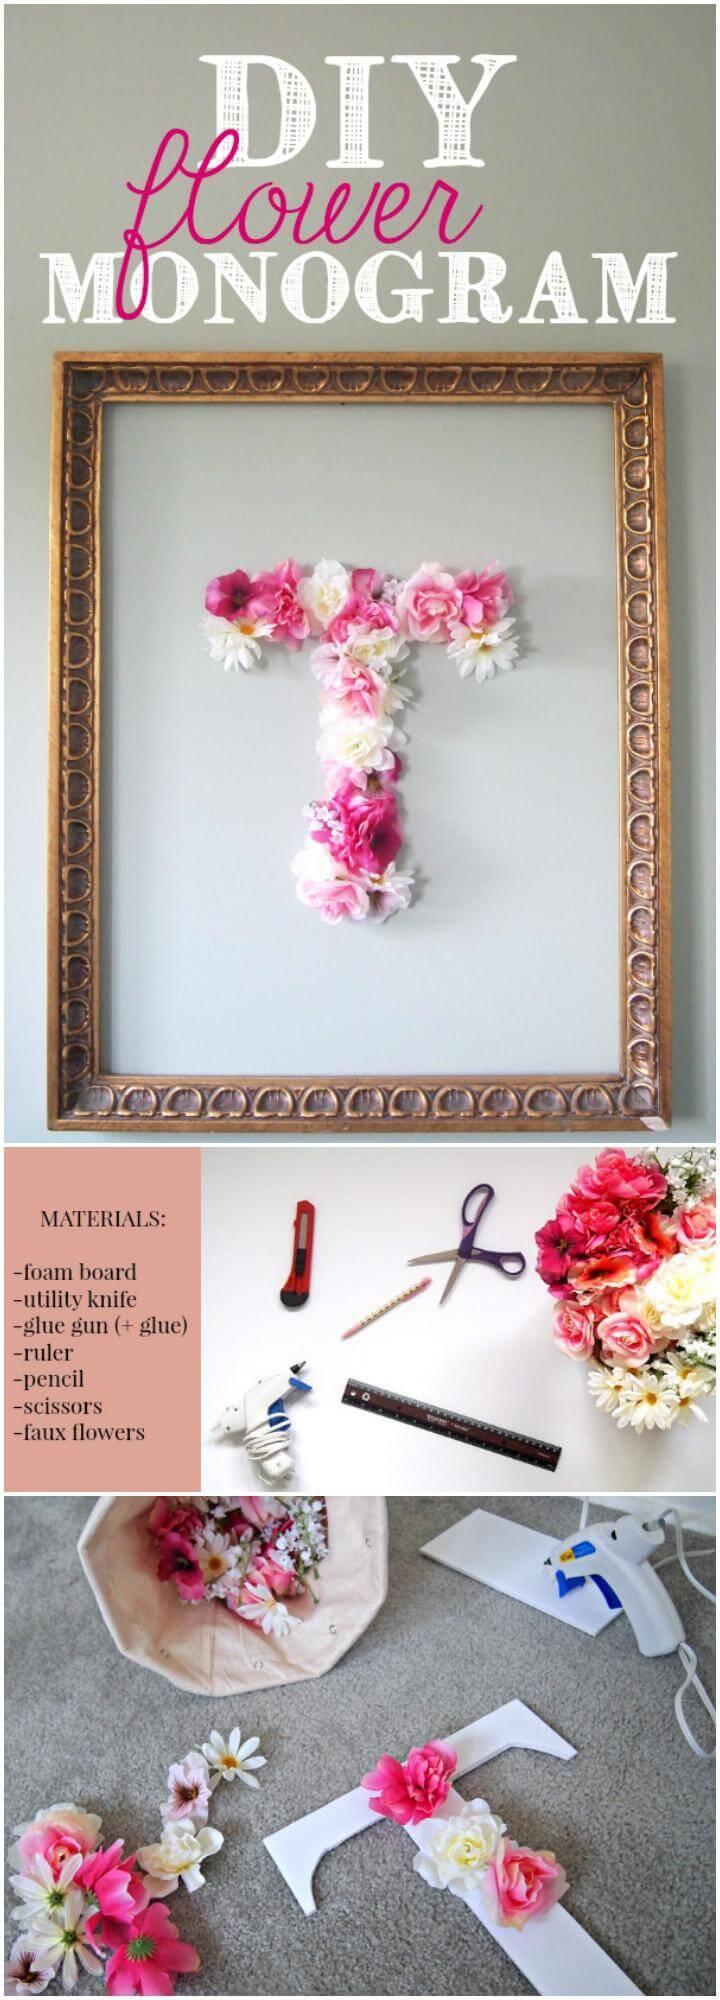 DIY Easy yet Beautiful Flower Monogram